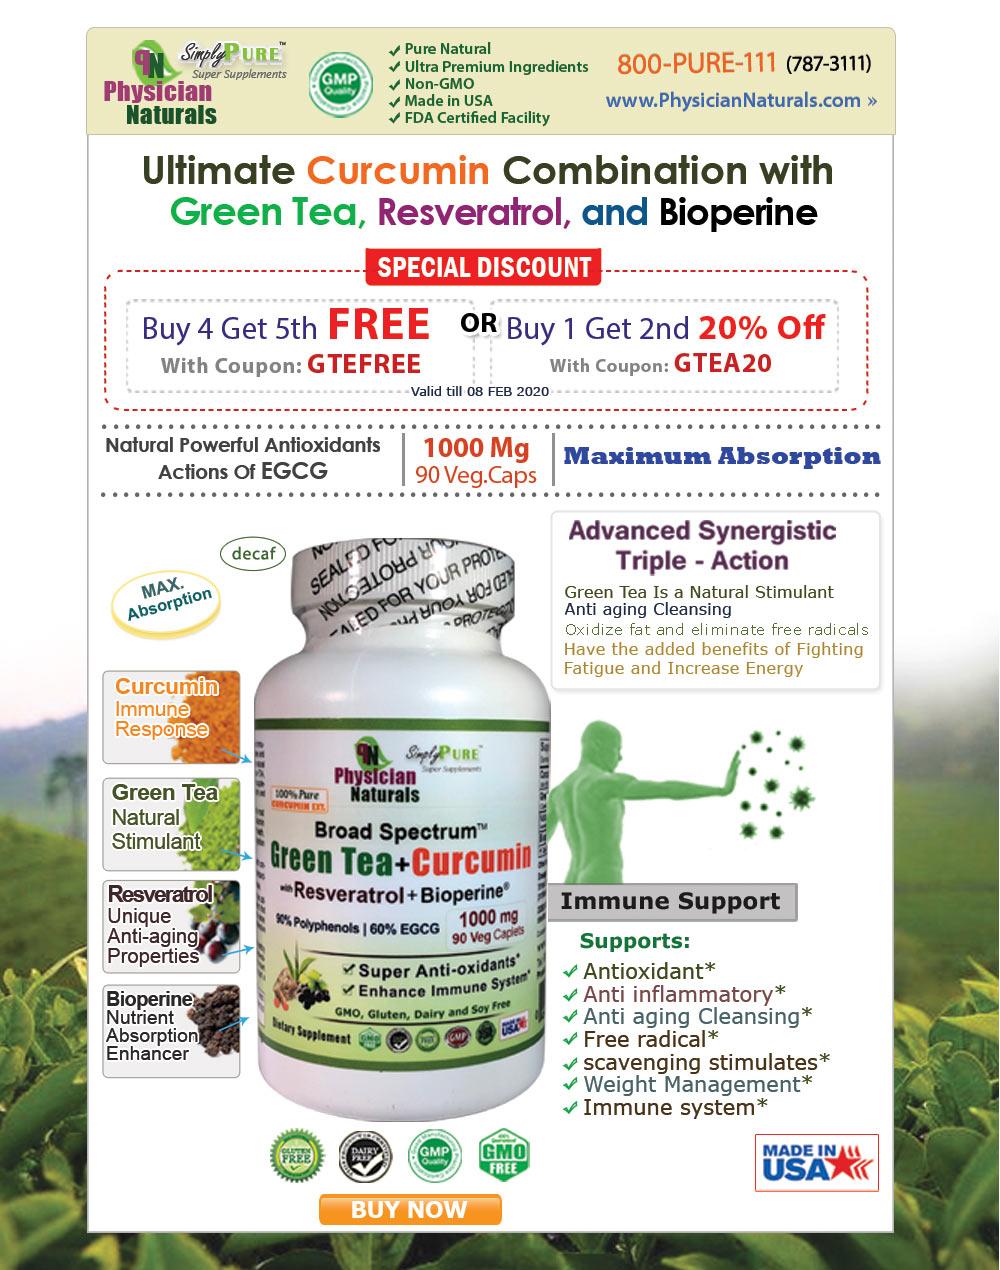 greentea-curcumin-resveratrol-spl-2020